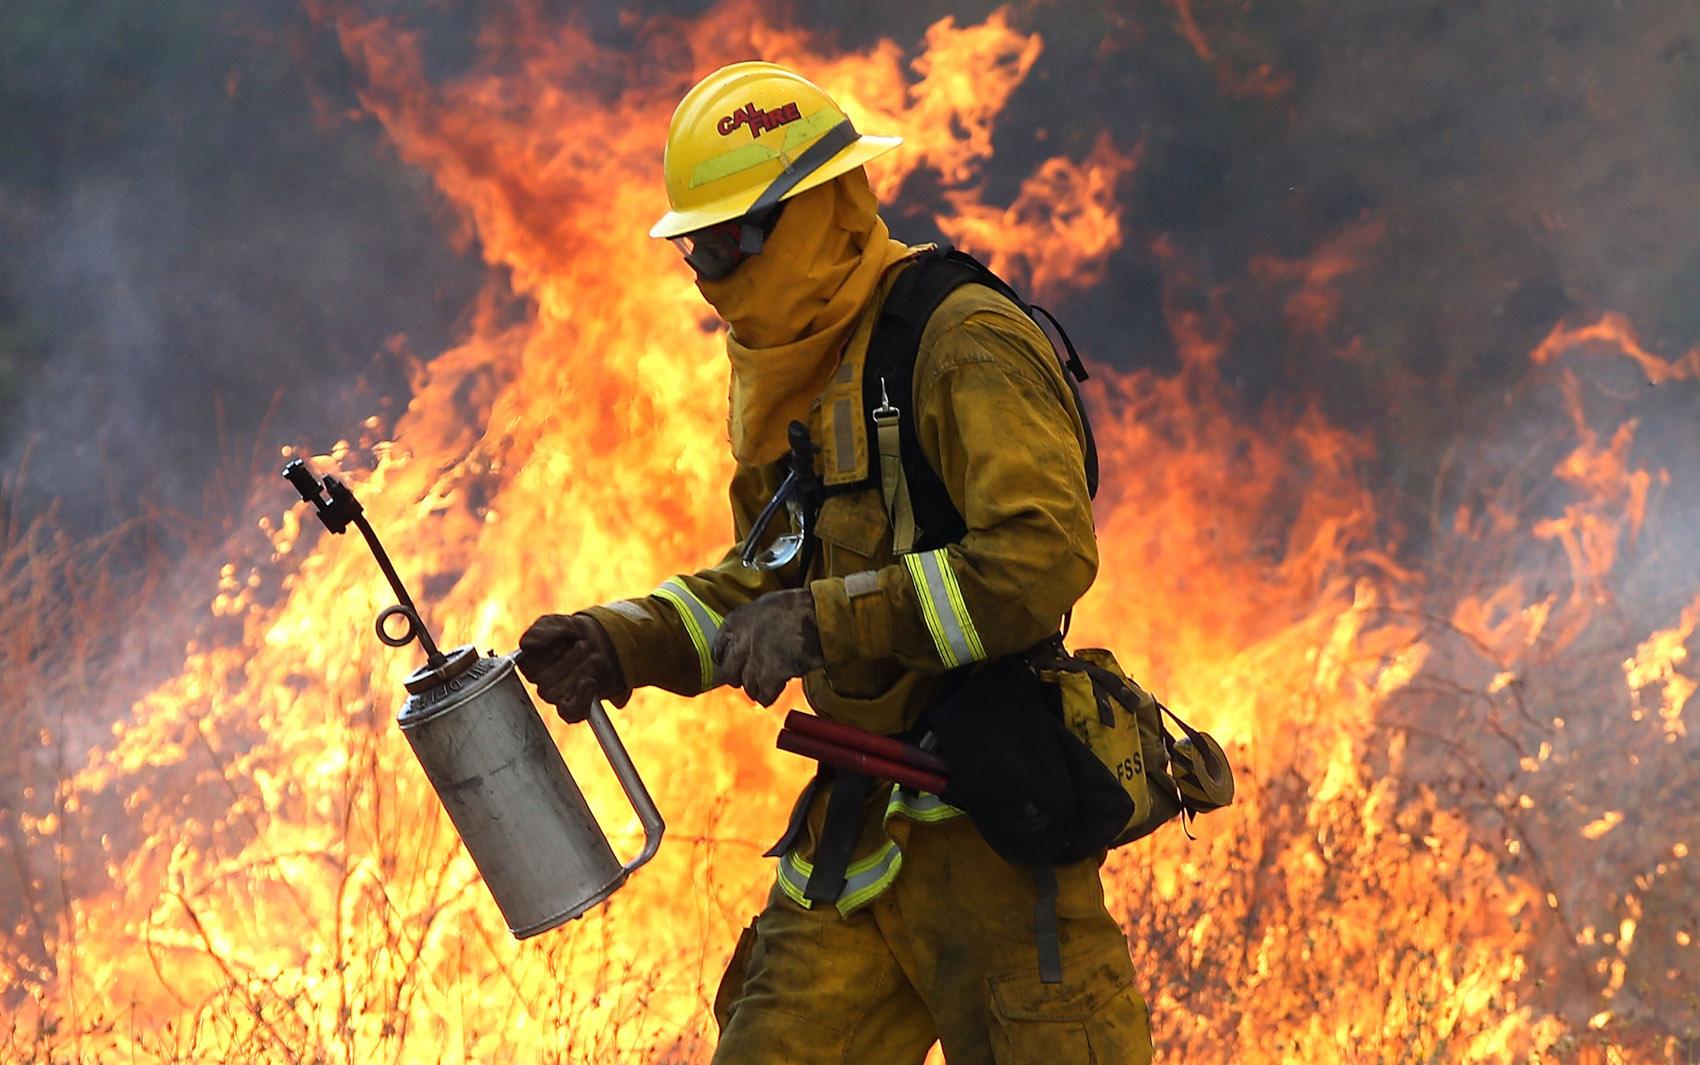 Um bombeiro se afasta de chamas durante ação perto de Clearlake, na California. Cerca de 3 mil bombeiros estão lutando contra o fogo que queimou mais de 24 mil hectares e forçou a evacuação de 12 mil moradores do Condado de Lake